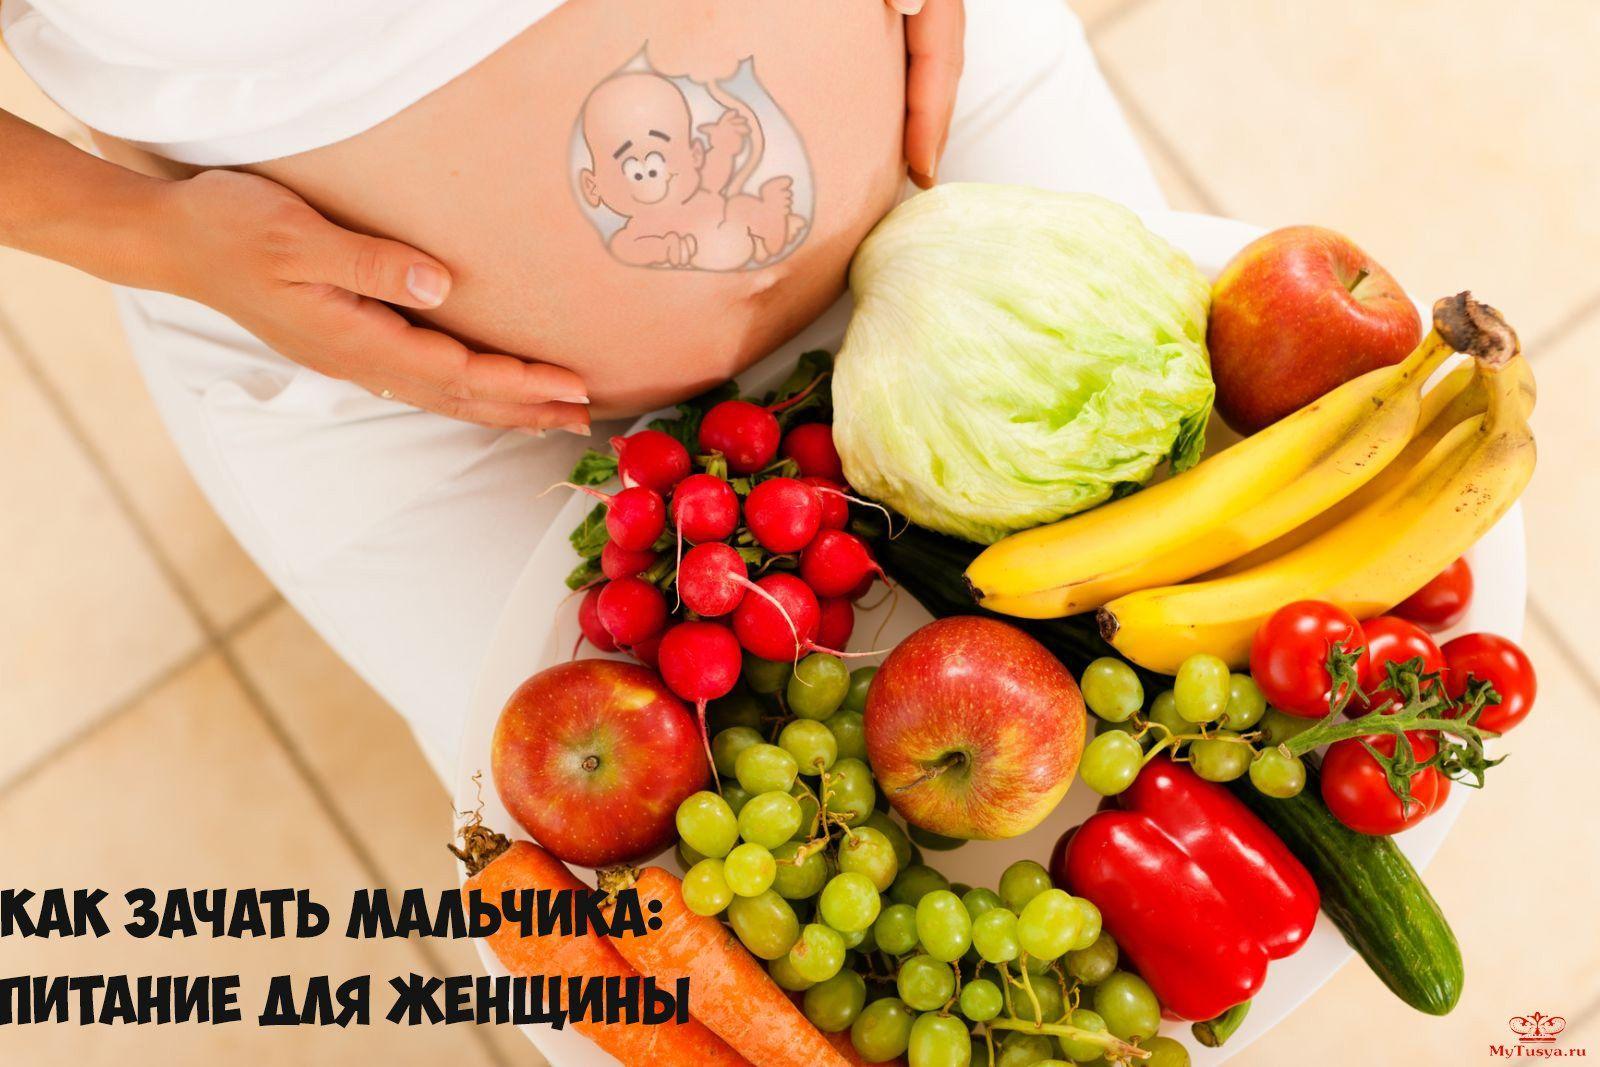 Диета Вк